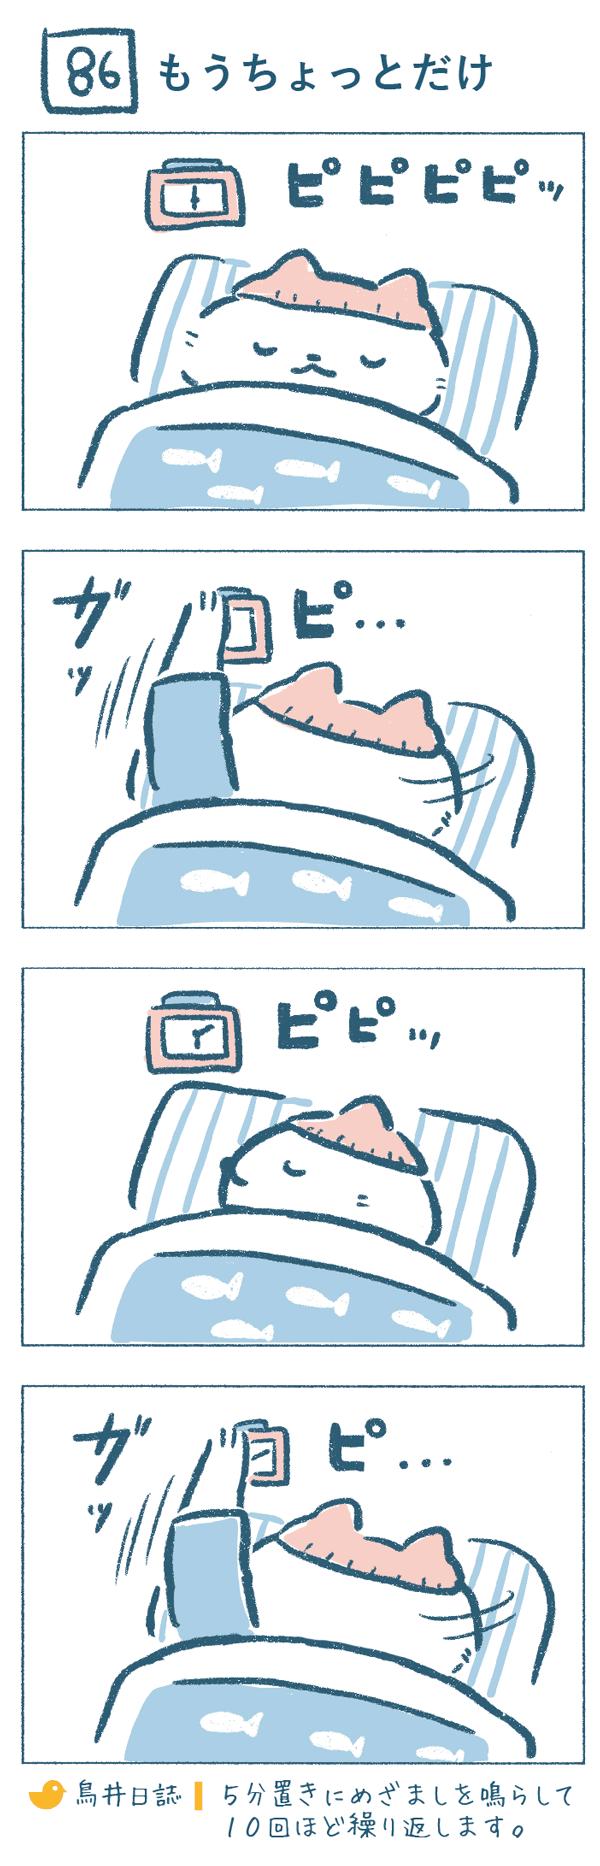 ある朝、ピピピピッとねこやま先生の目覚まし時計がなりました。先生はすばやくベルを止めると、また寝始めました。するとまた目覚ましがなり、さっと起きて止めてはまたお布団に戻るの繰り返し…。5分おきにめざましを鳴らしてもなかなか起きられないねこやま先生なのでした。